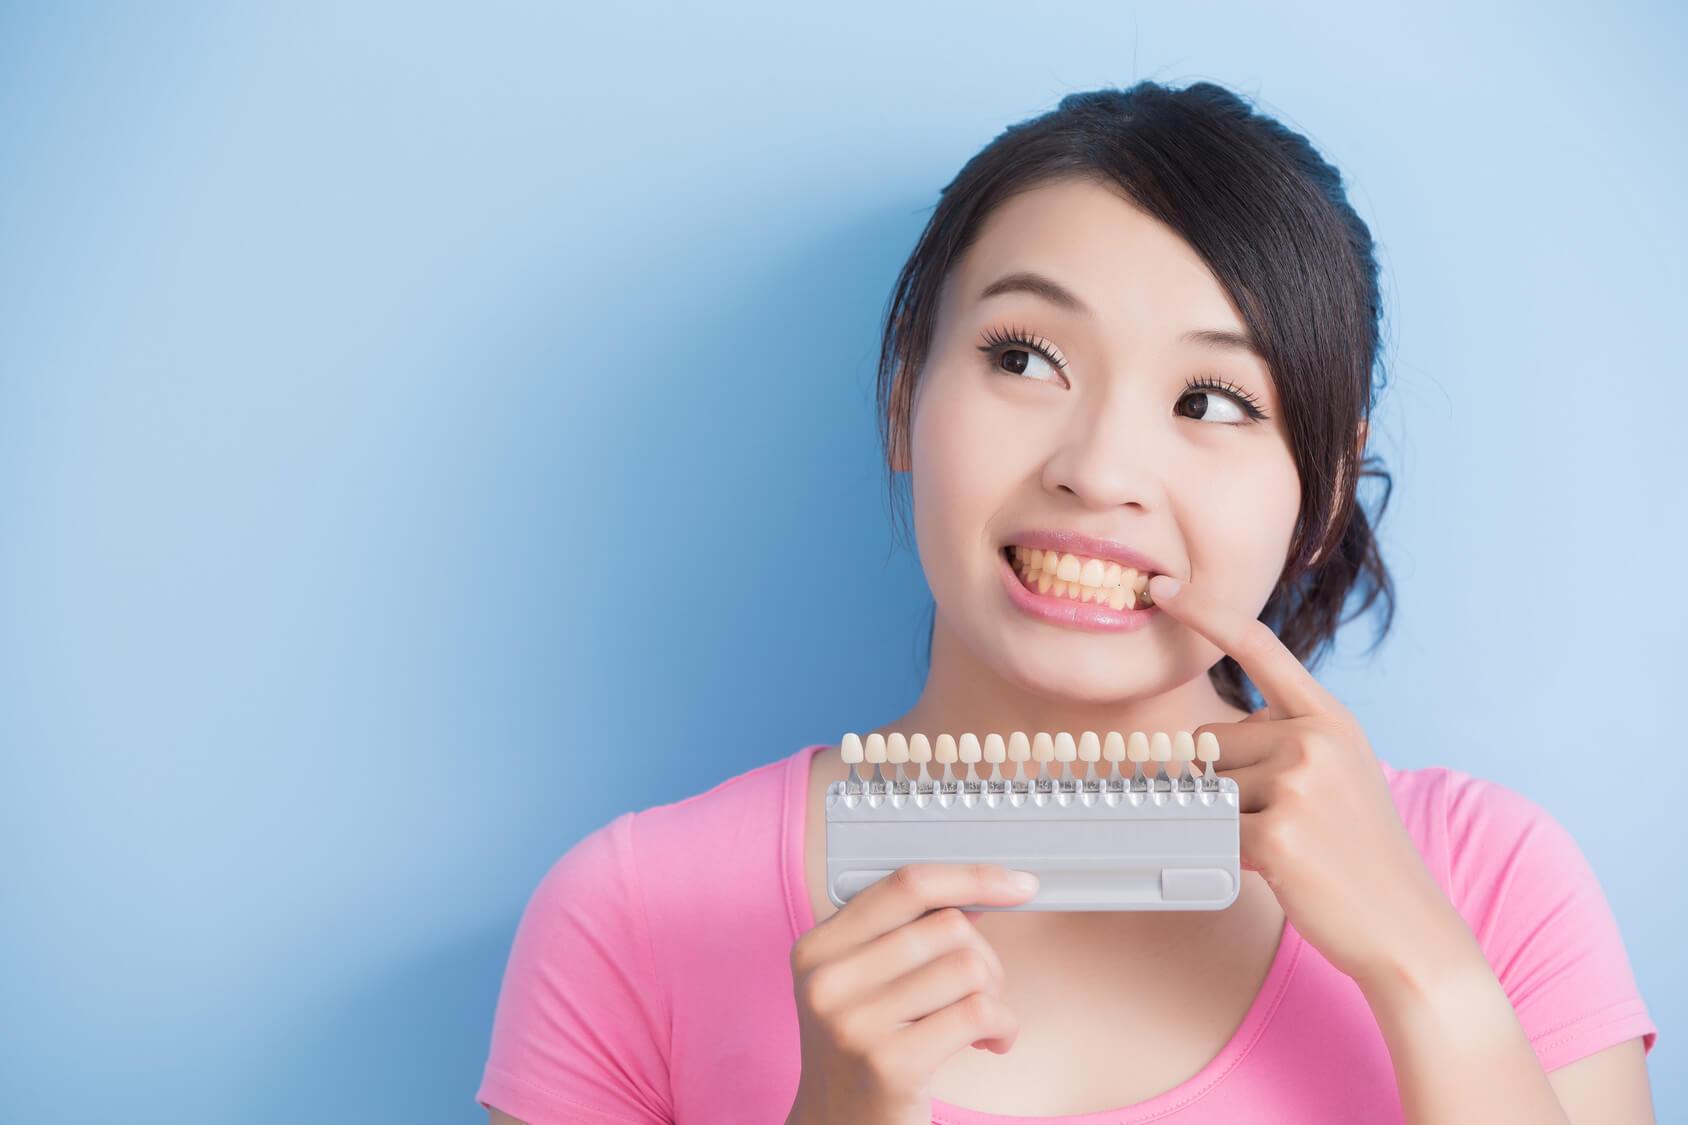 Junge asiatische Frau mit rosa T-Shirt steht vor blauem Hintergrung, hält in der linken Hand Zahnmuster, da sie ihre Zähne bleichen möchte, mit der rechten Hand zeigt sie auf ihre Zähne